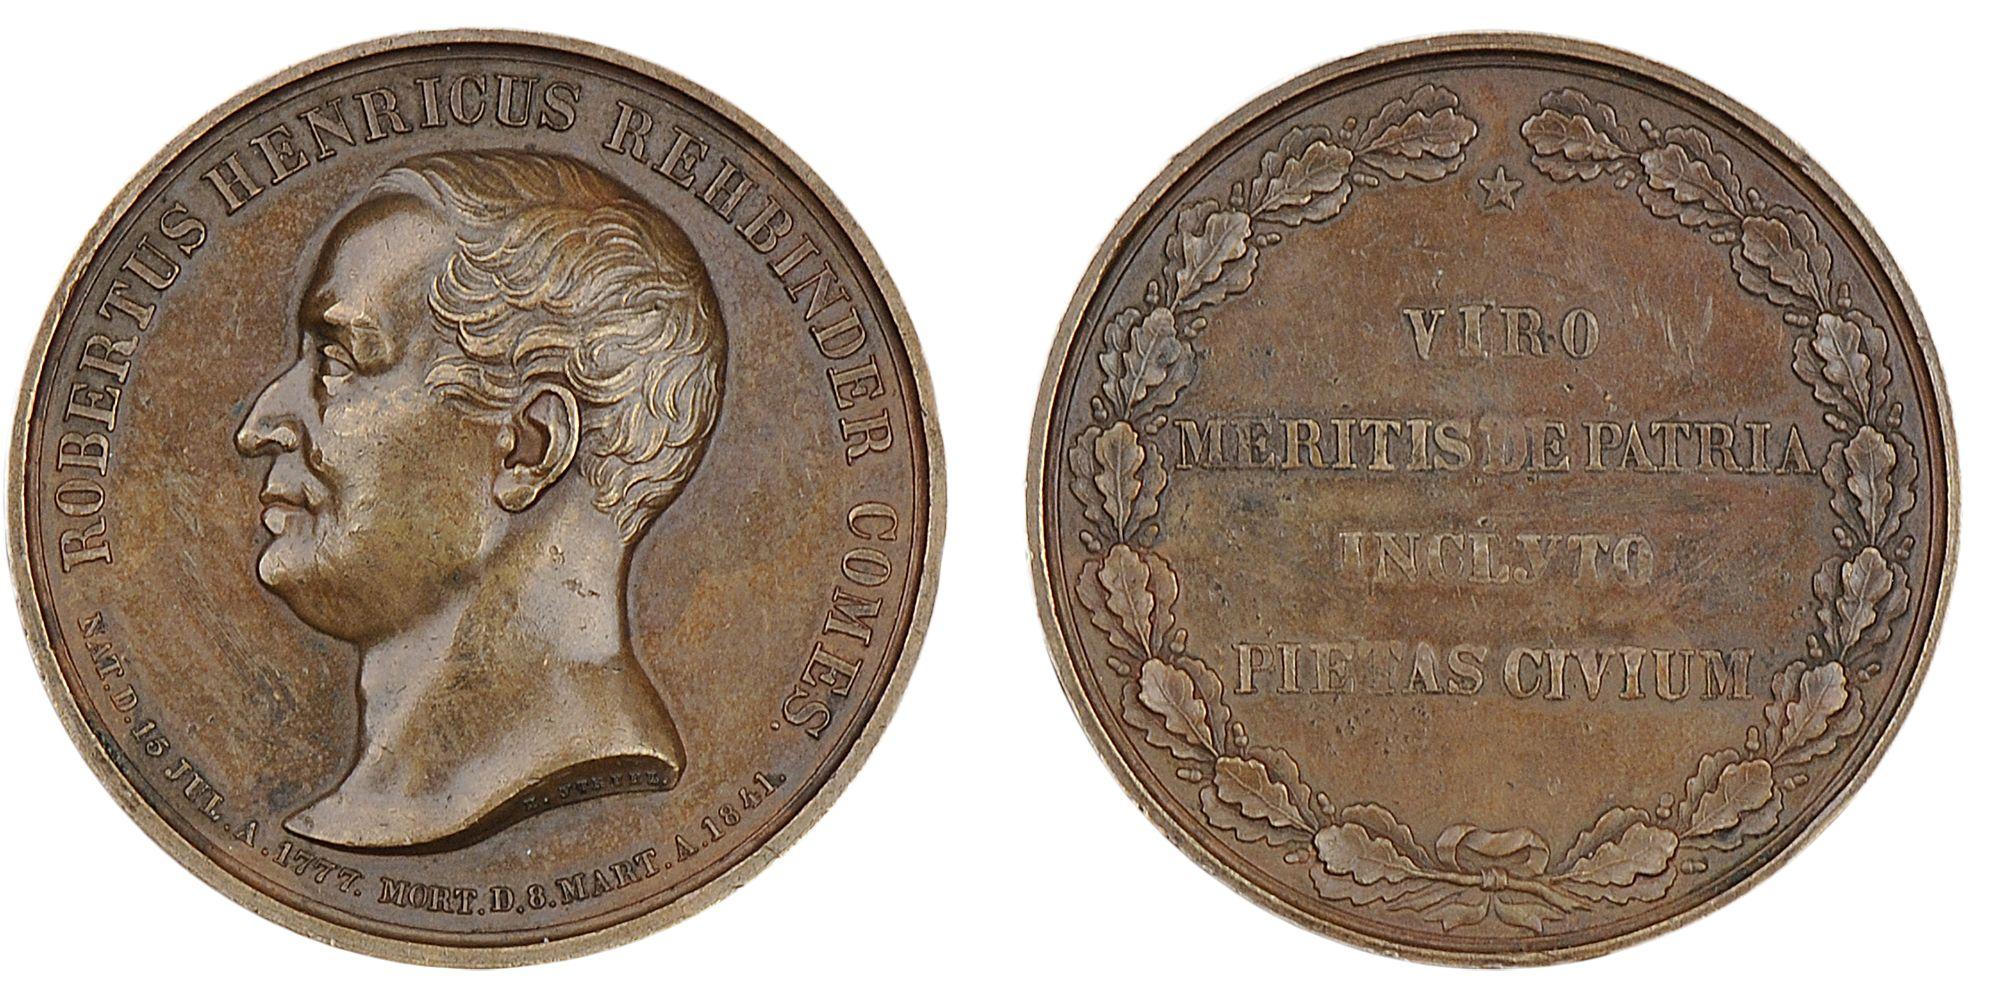 Настольная медаль «В память службы графа Роберта Генриха Ребиндера. 1841 г.»